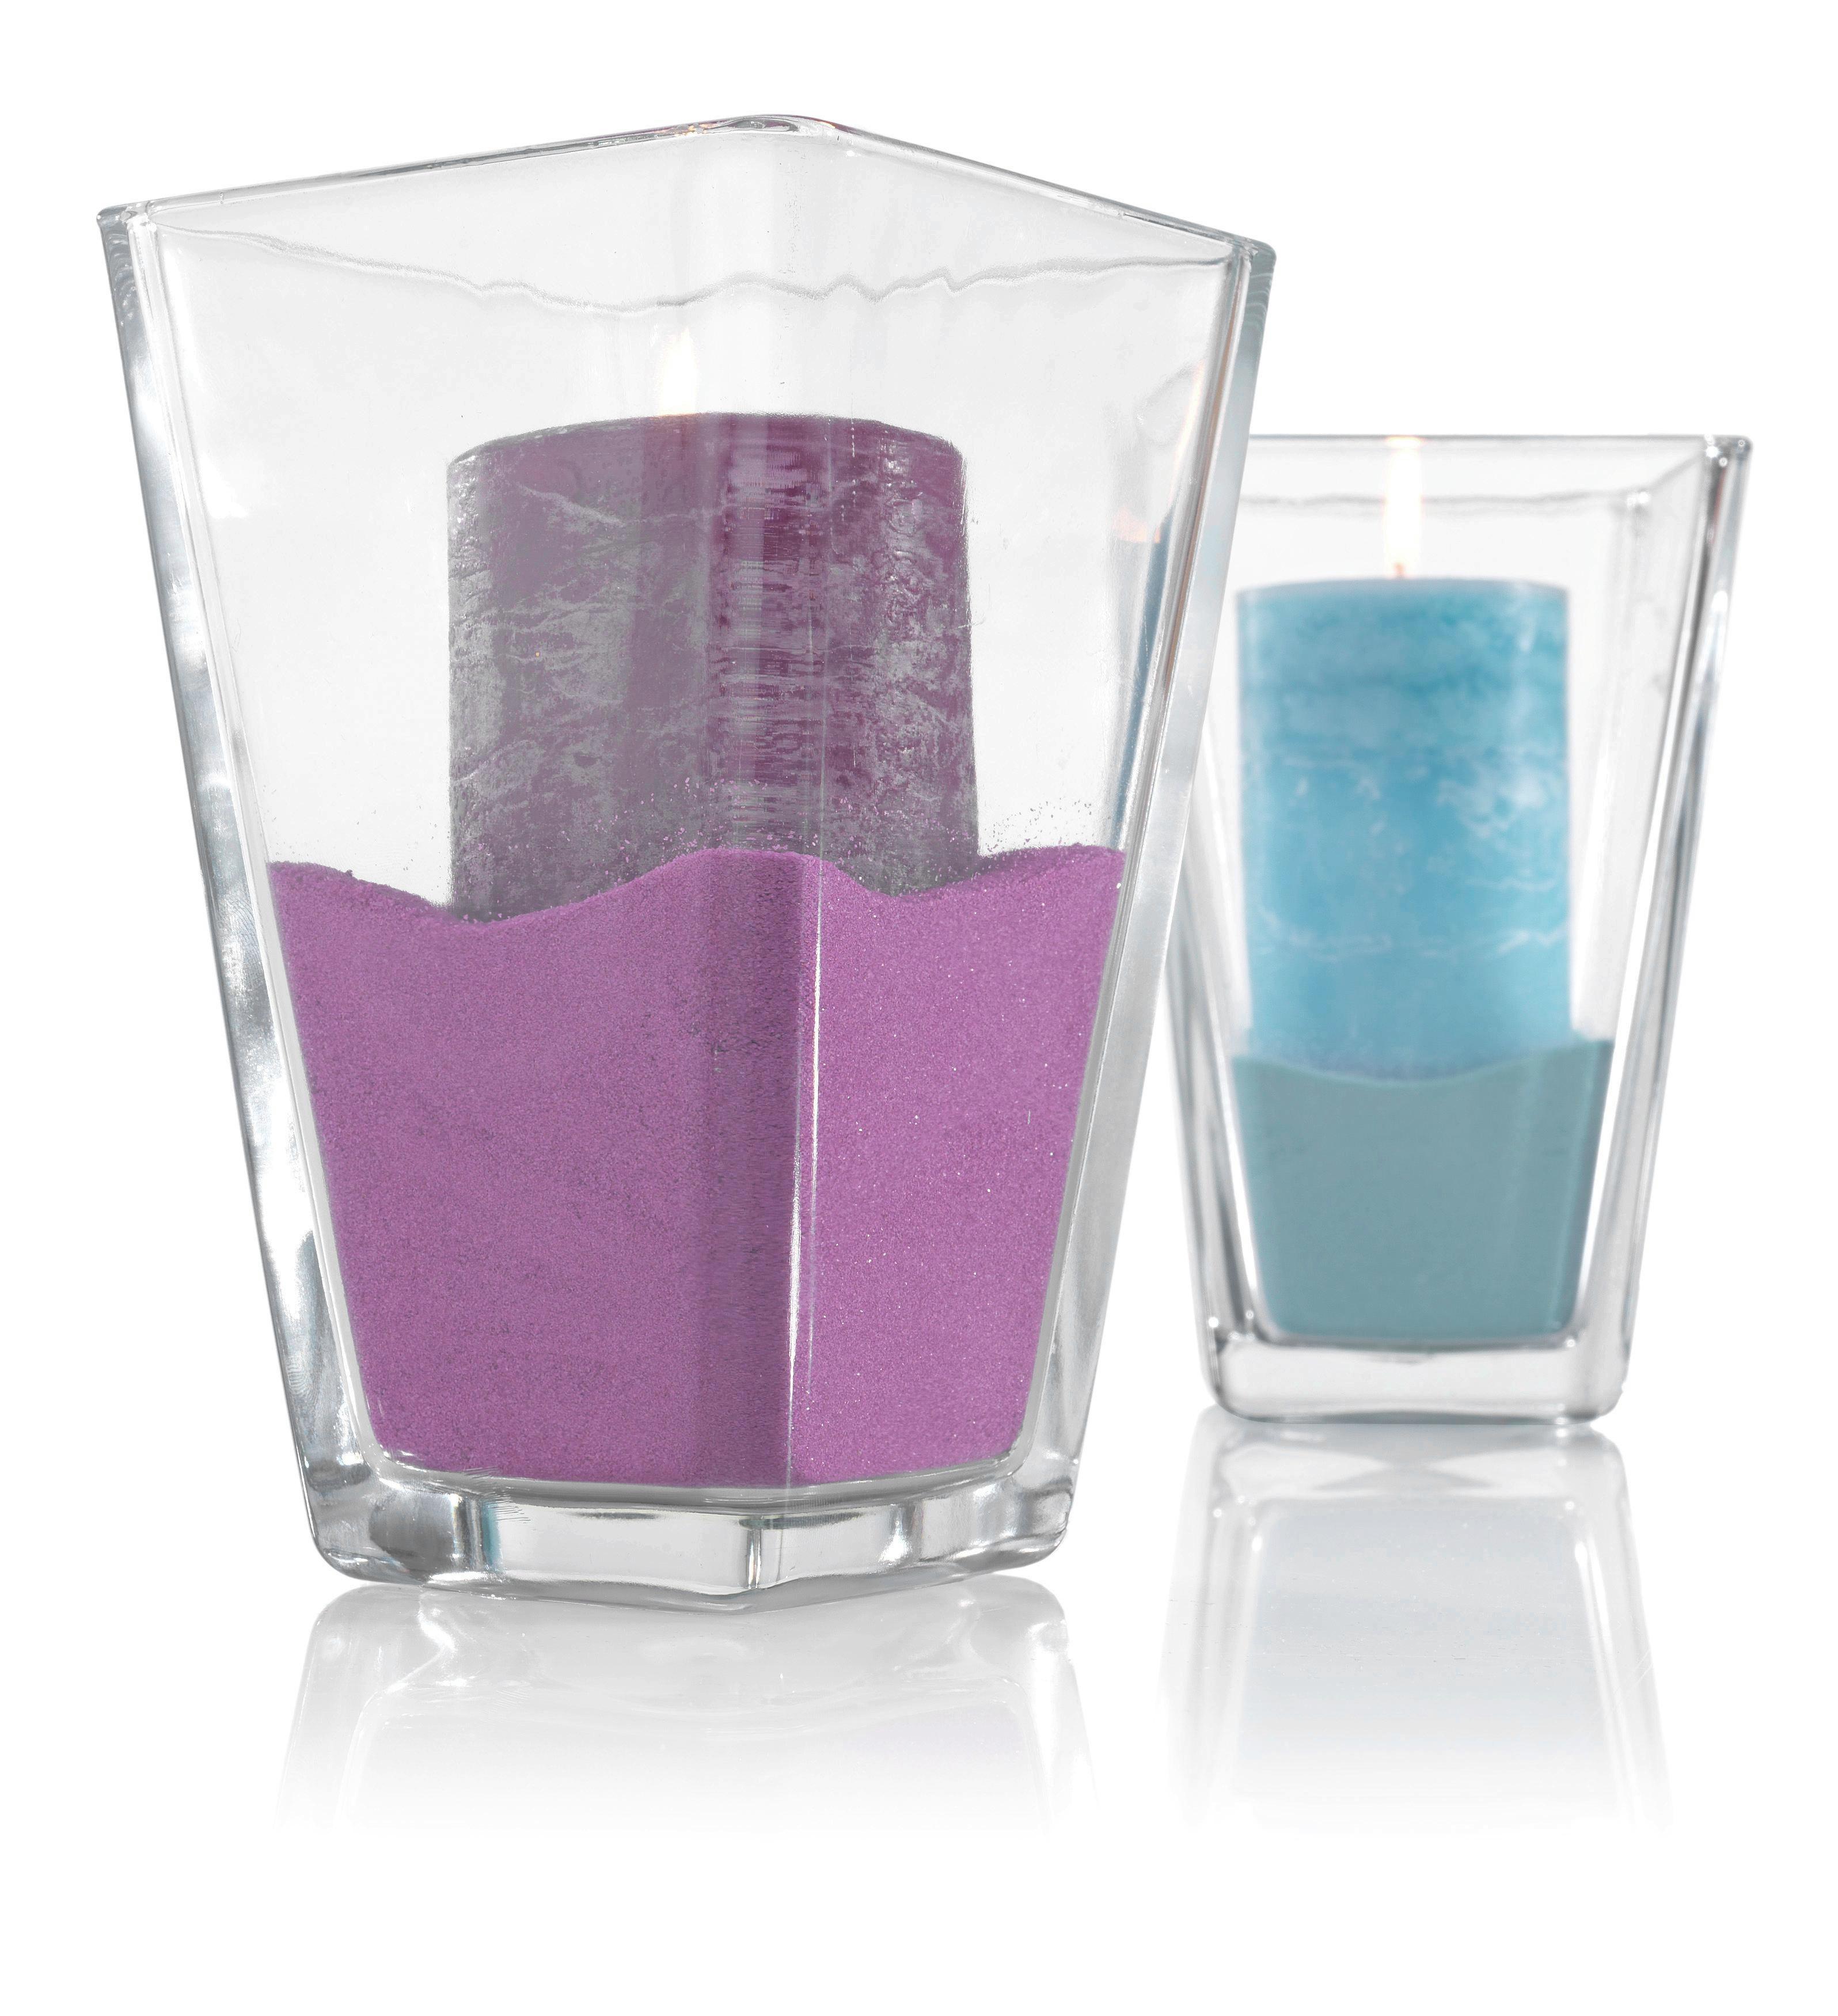 Váza Mona - tiszta, modern, üveg (11/17/11cm) - BASED